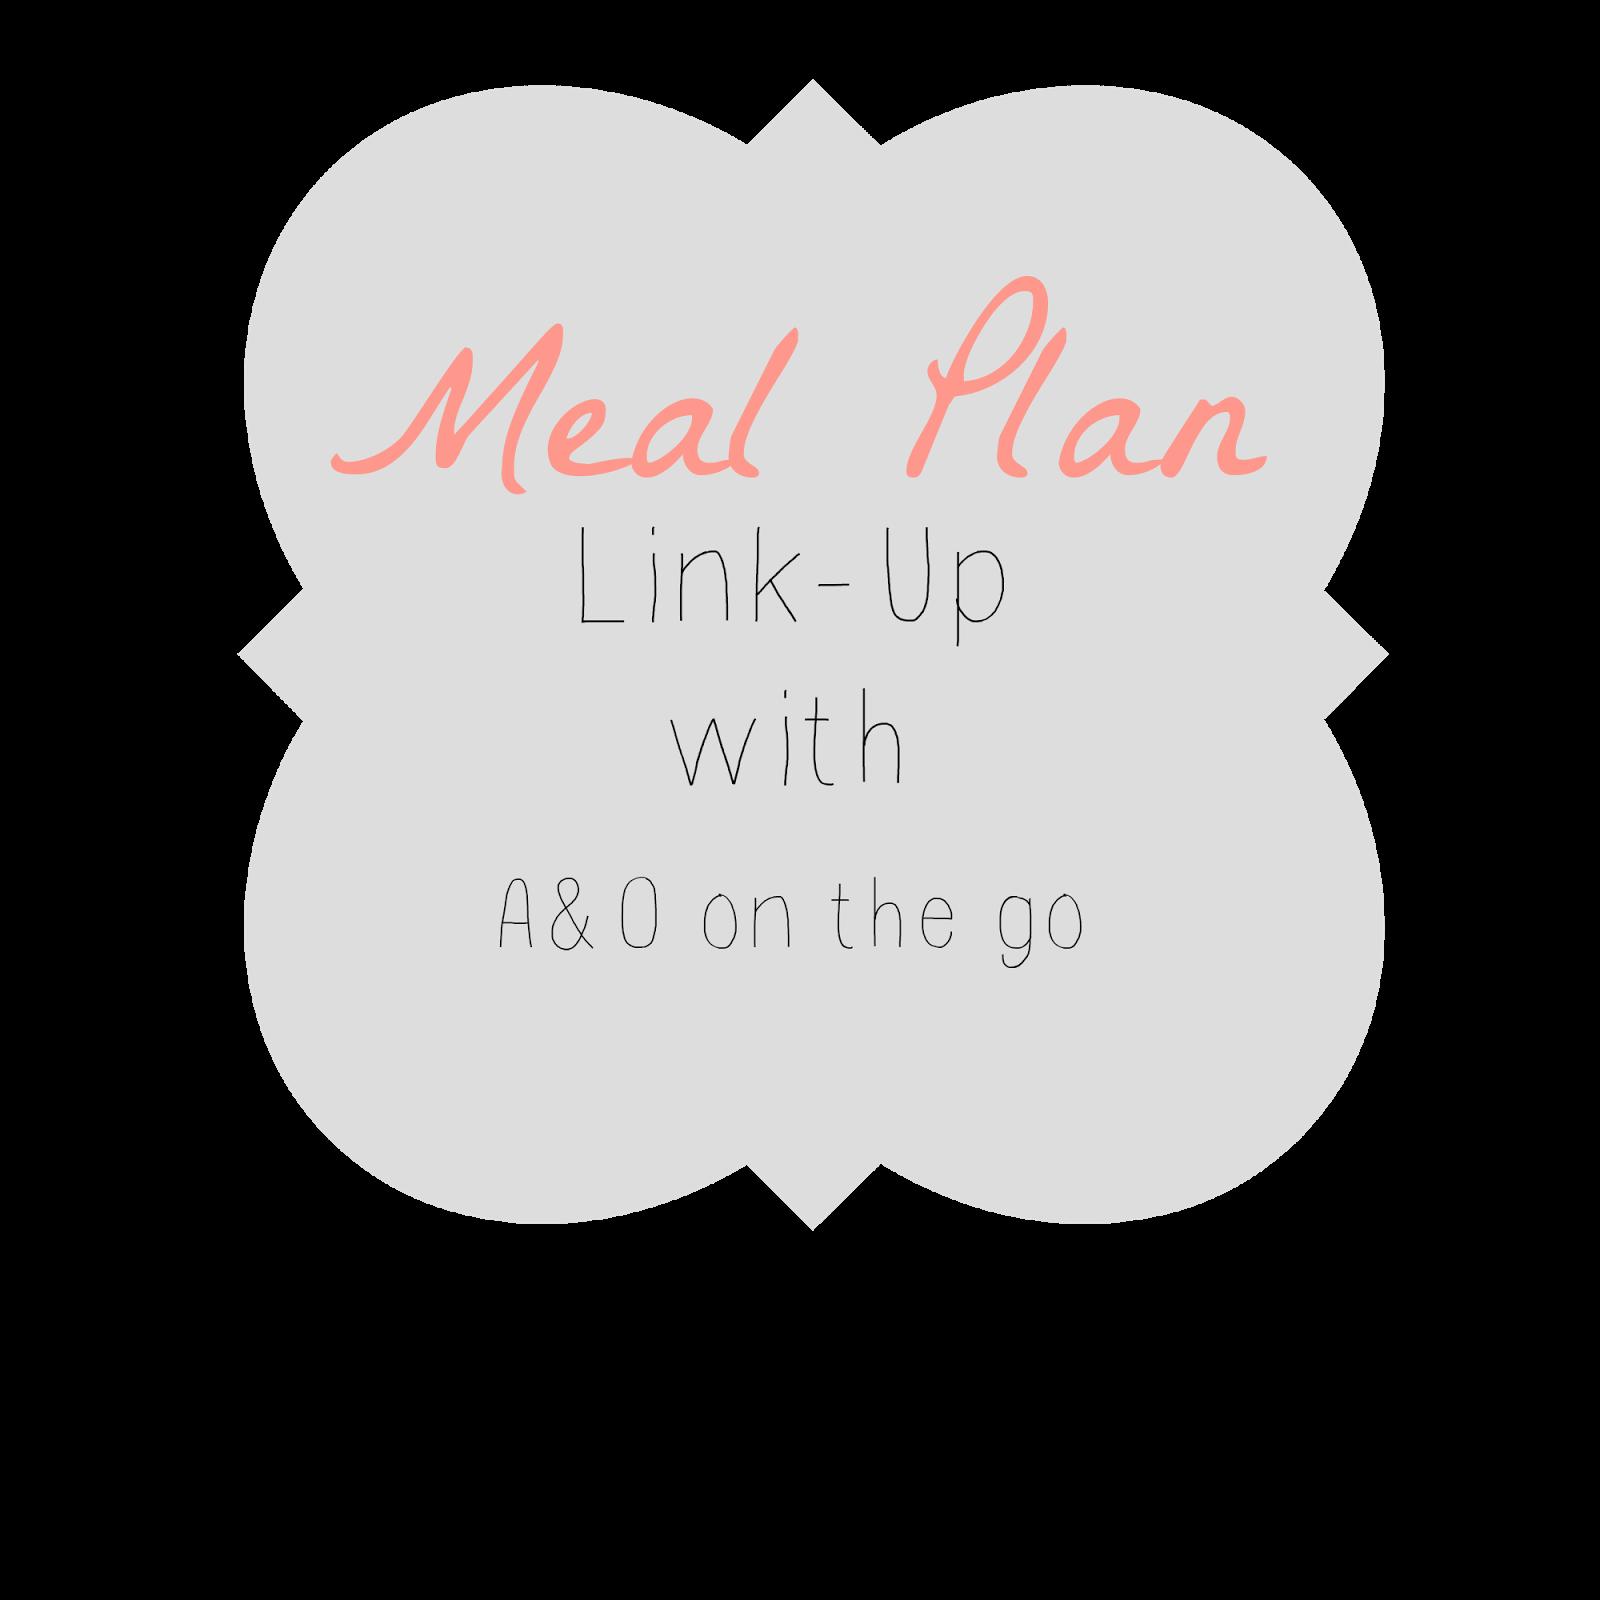 http://1.bp.blogspot.com/-0gN3YLNqntQ/UuPC7CqOpbI/AAAAAAAABY8/_BKQ5rsclbs/s1600/meal+plan+monday.png